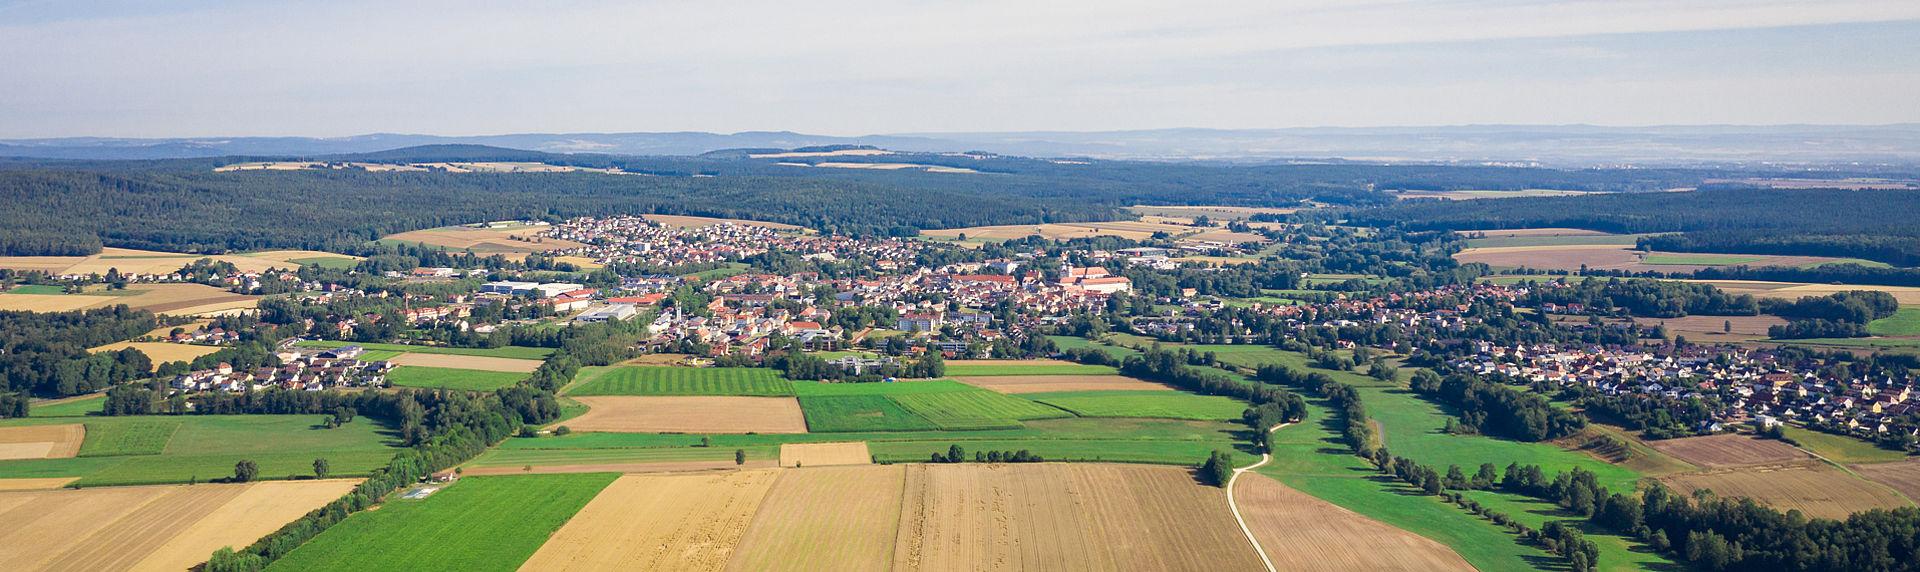 Luftaufnahme von der Stadt Waldsassen.